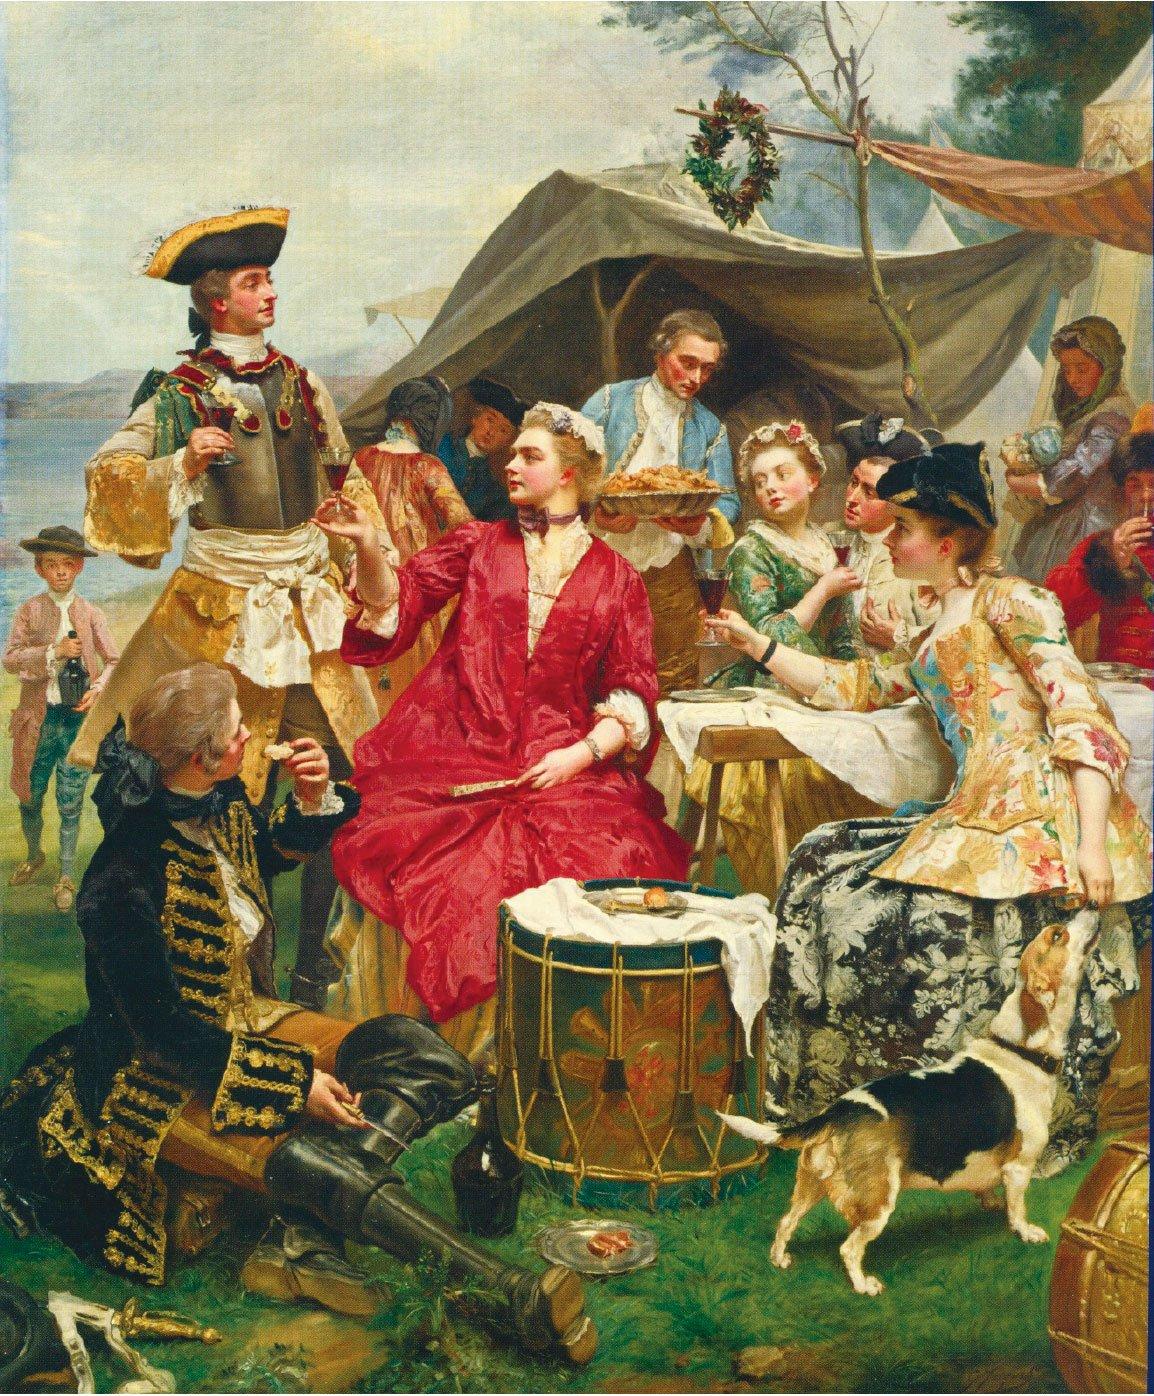 居斯塔夫讓雅凱,《歡迎》(Welcome),布面油畫,180 × 128 cm。